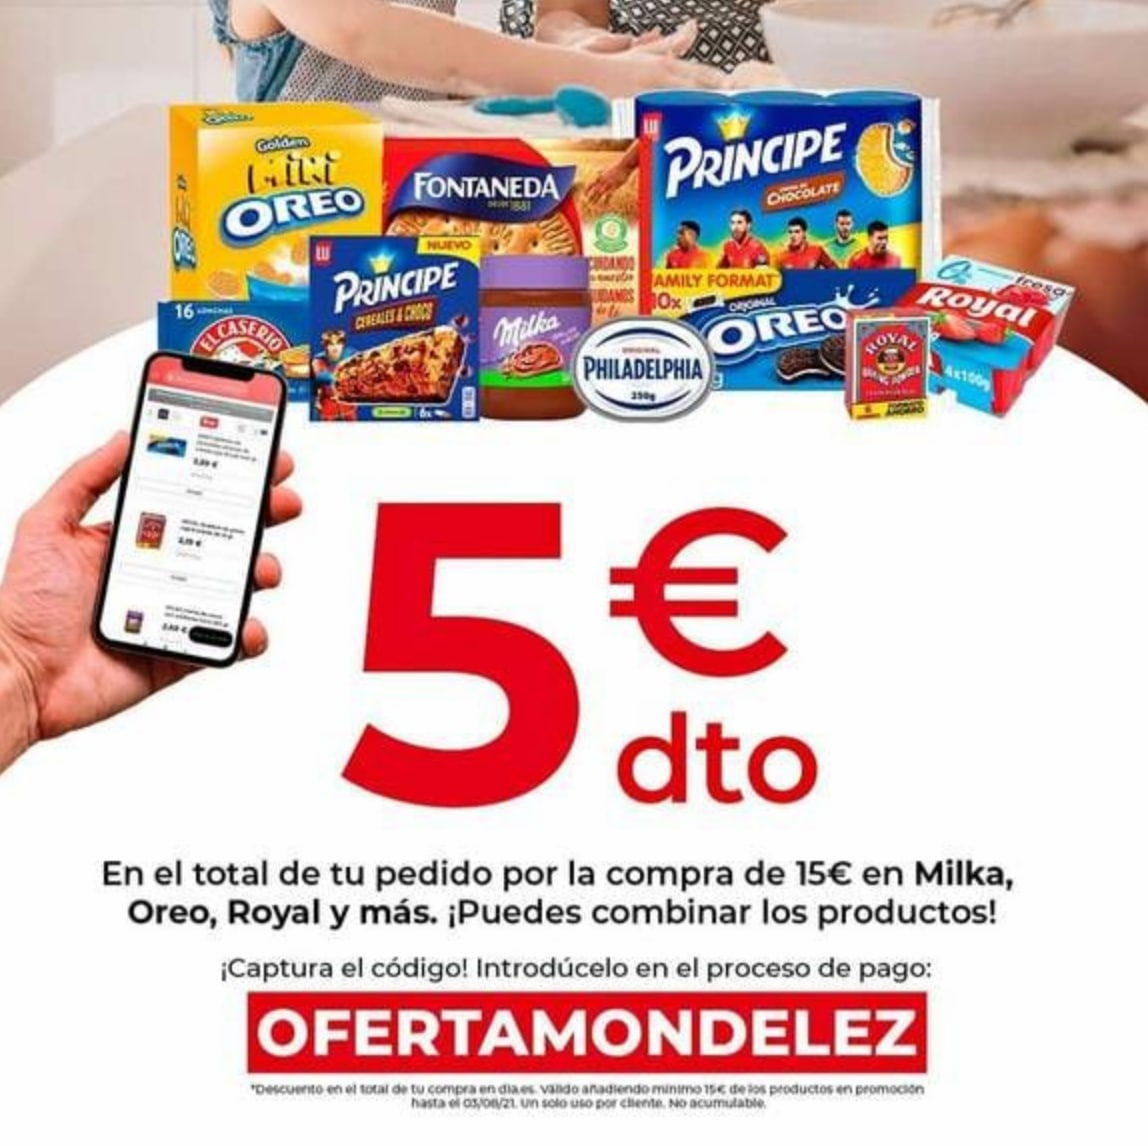 5€ Dto. en compras +15€ en marca Oreo, Principe, Royal y más en Día